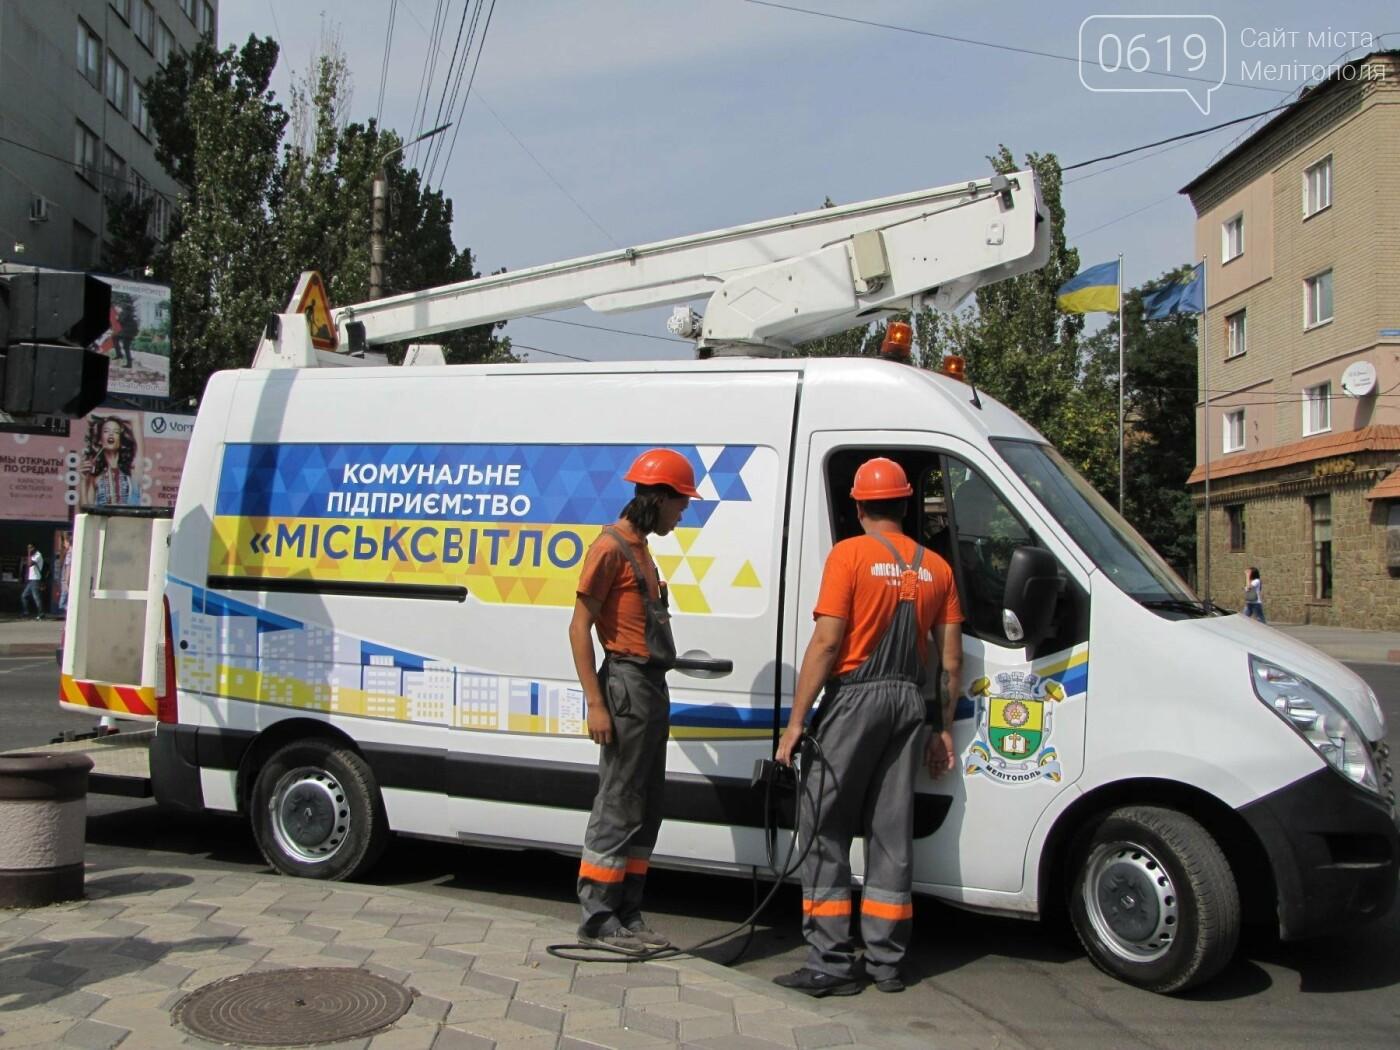 Мелитопольскому КП приобрели новую технику , фото-3, Фото сайта 0619